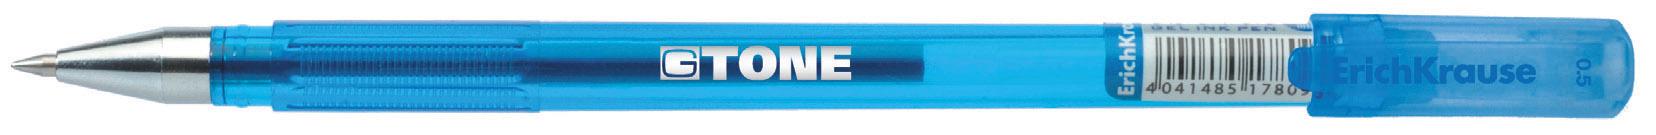 Ручка гелевая синяя EK G-Tone 0.5мм